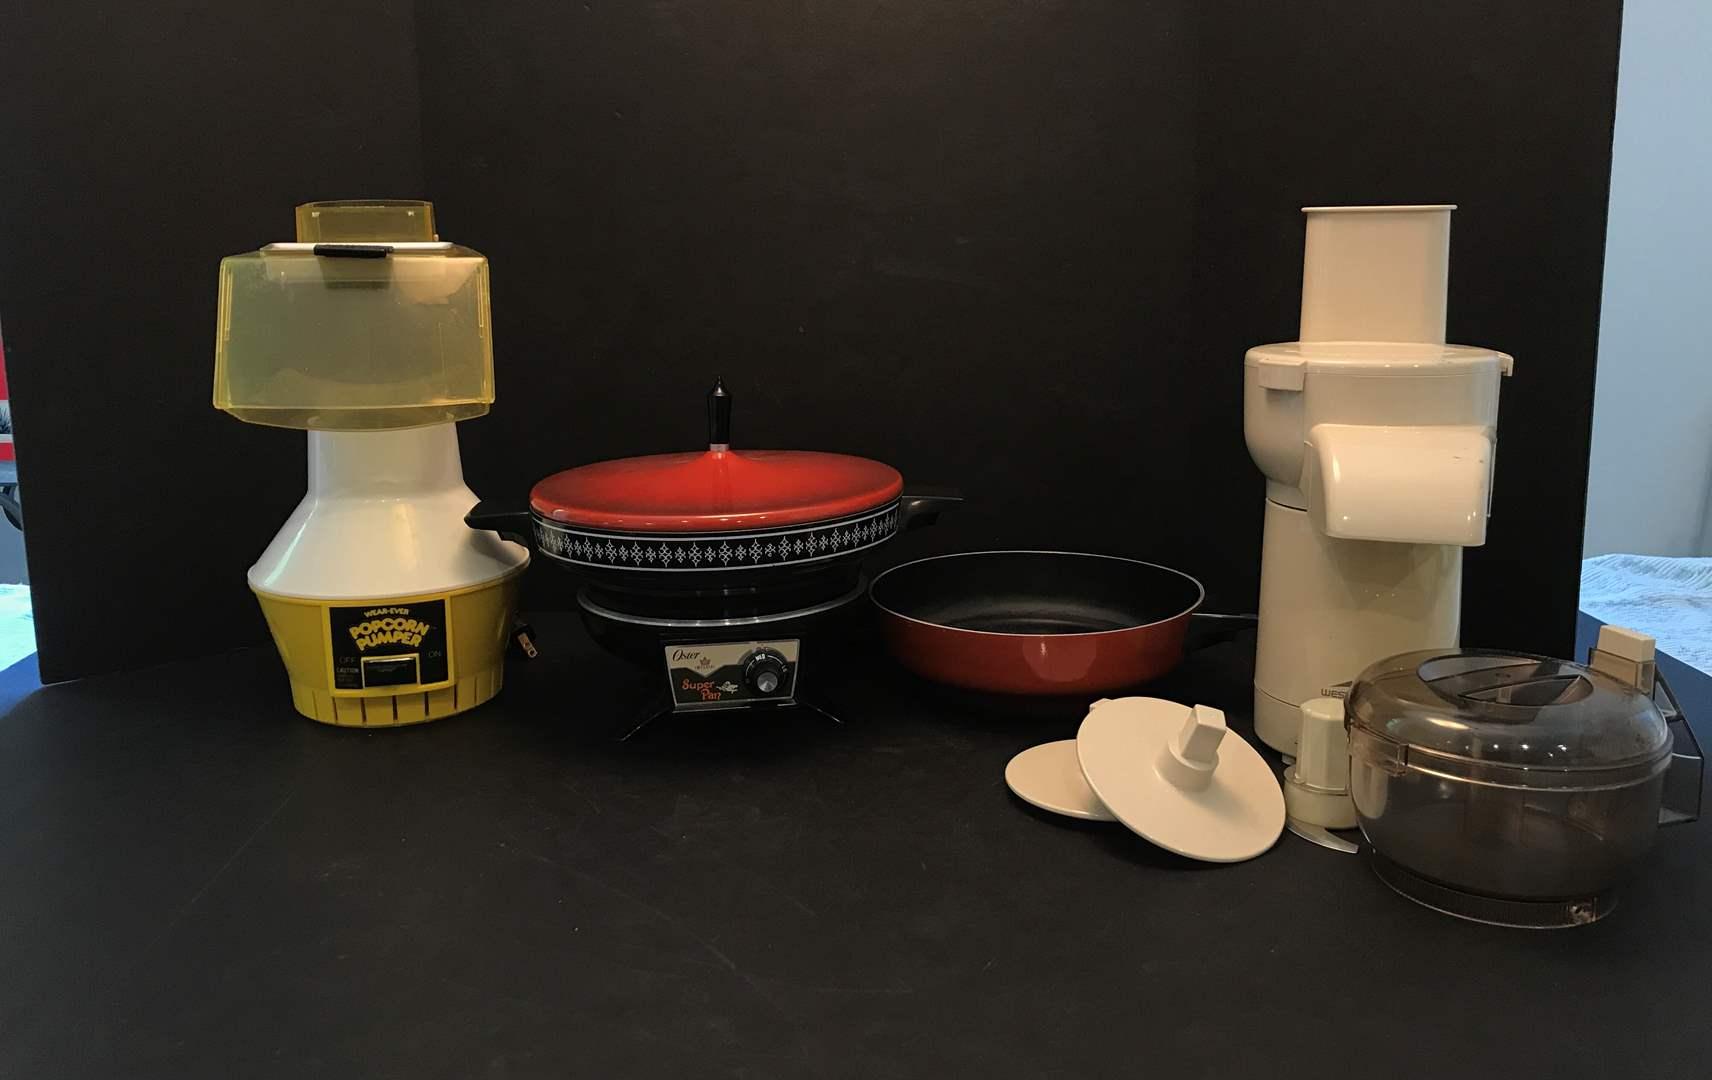 Lot # 80 - Wear Ever Popcorn Maker, Oster Super Pan, West Bend Food Processor  (main image)